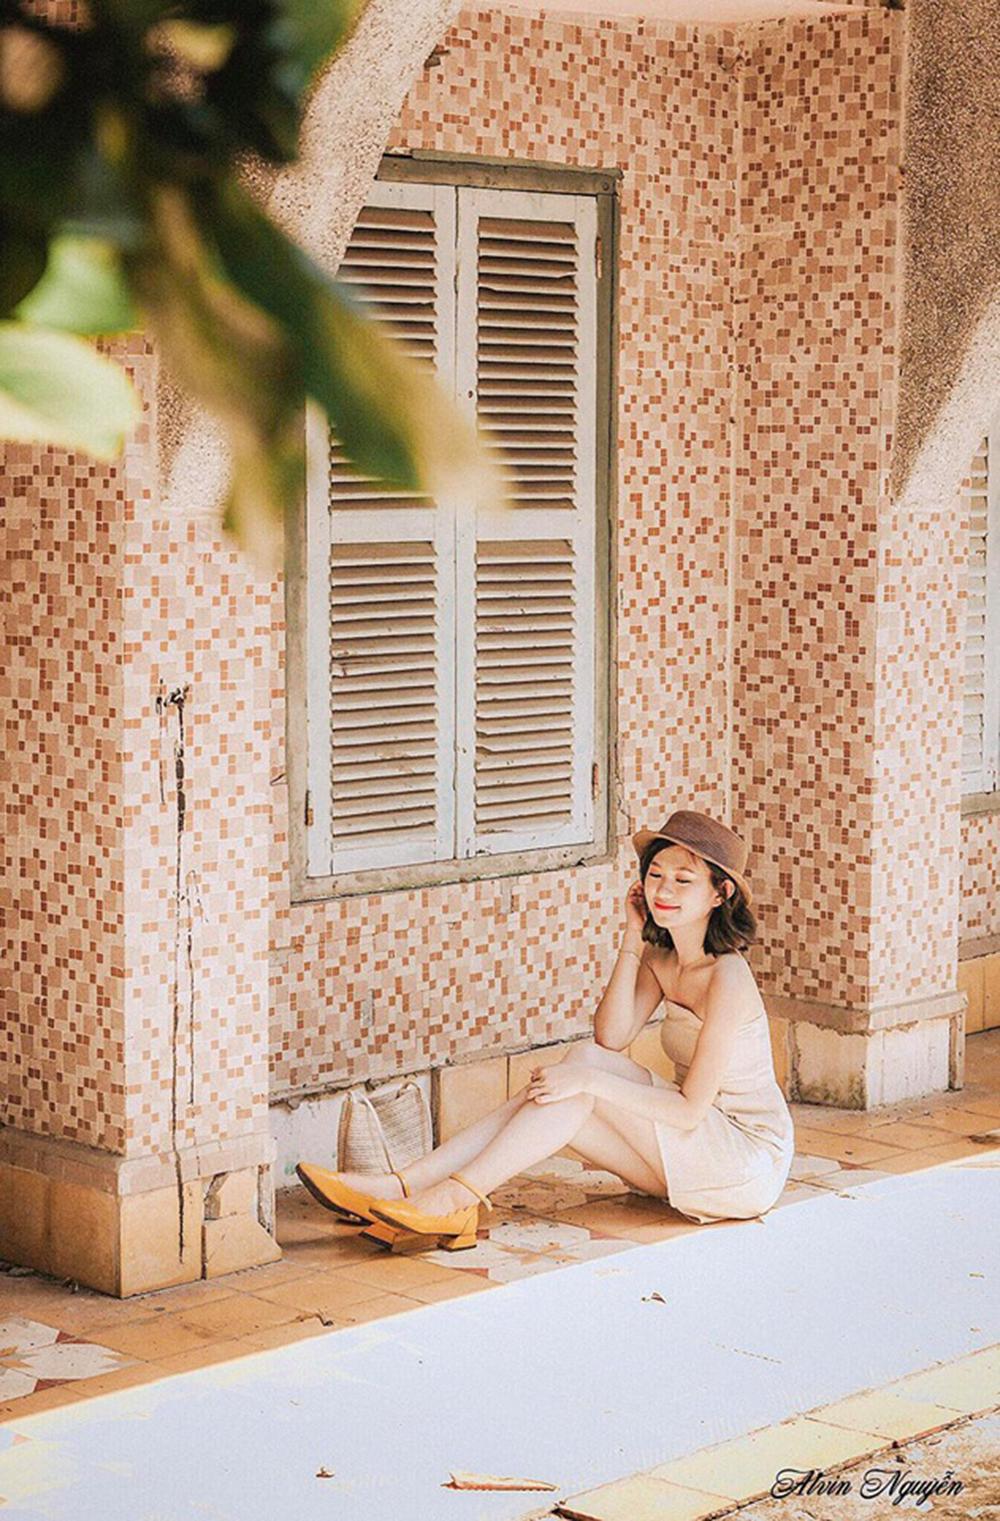 """Đinh Huỳnh Bảo Lộc hiện là nhân viên Chăm sóc khách hàng của FPT Telecom Bình Định. Nữ nhân viên từng giành vương niệm cuộc thi """"Bông hậu FTEL"""" vào năm 2018."""